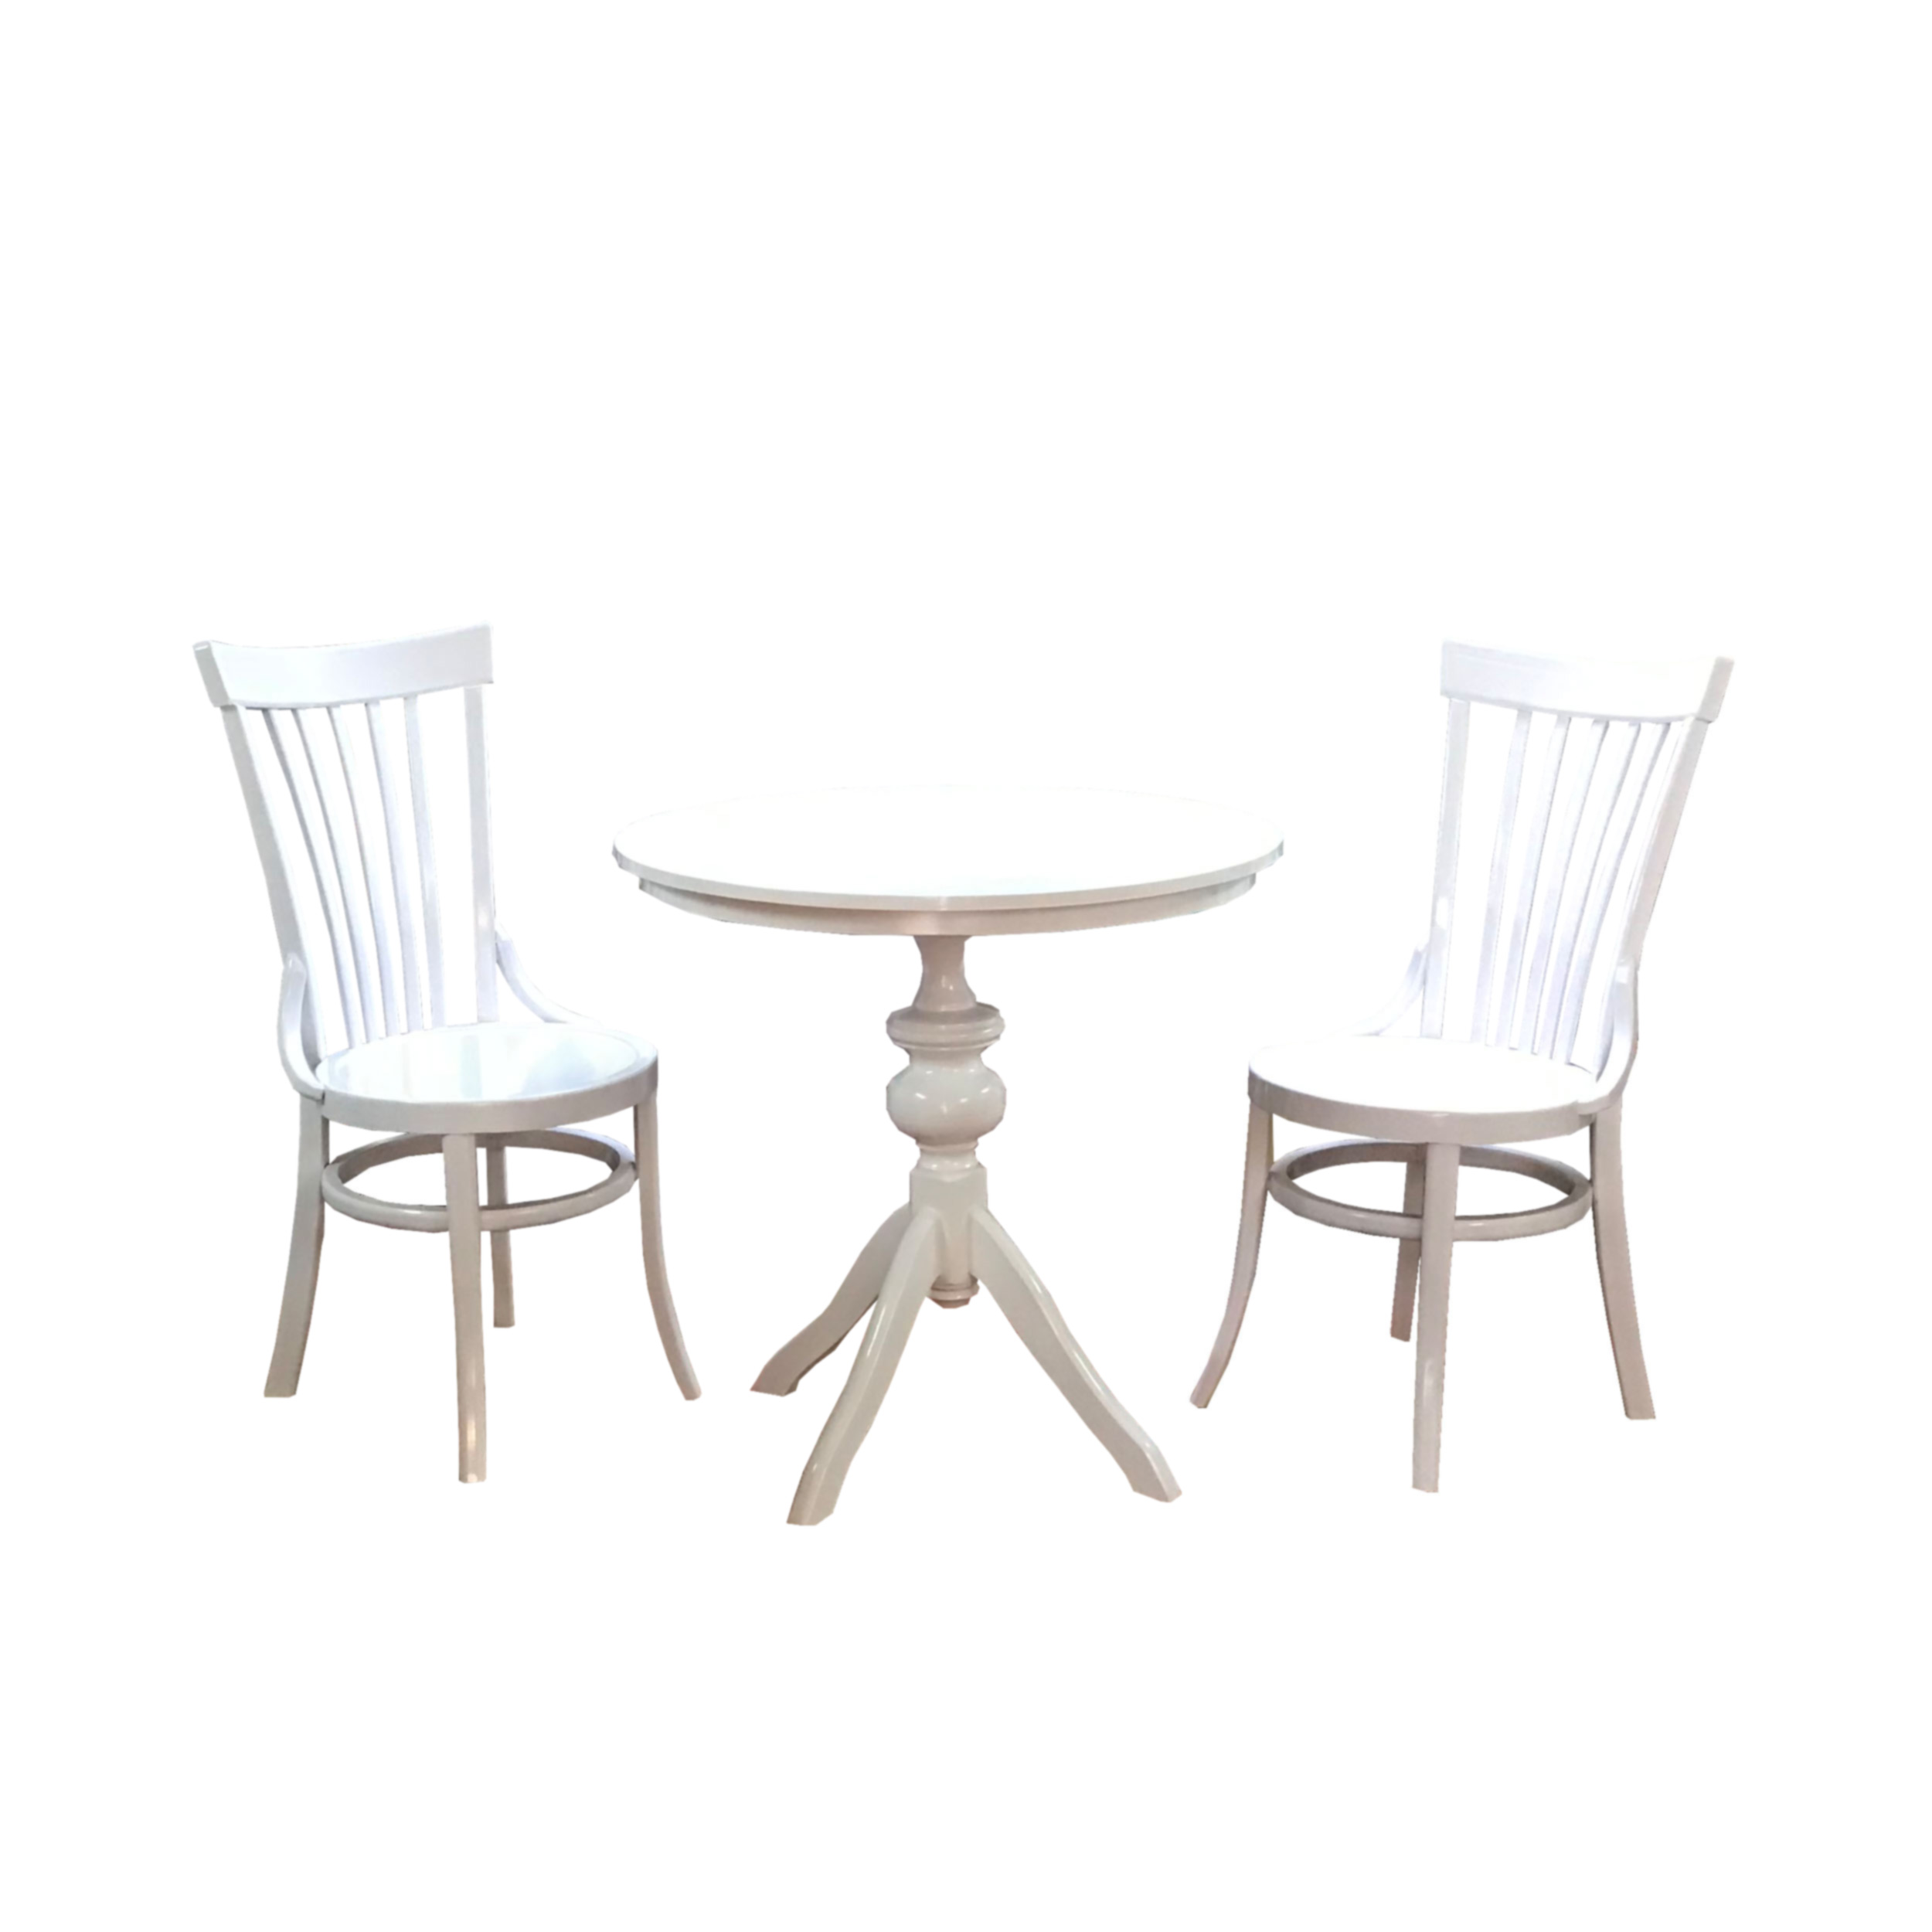 ست میز و صندلی ناهار خوری چوبی اسپرسان چوب مدل z11